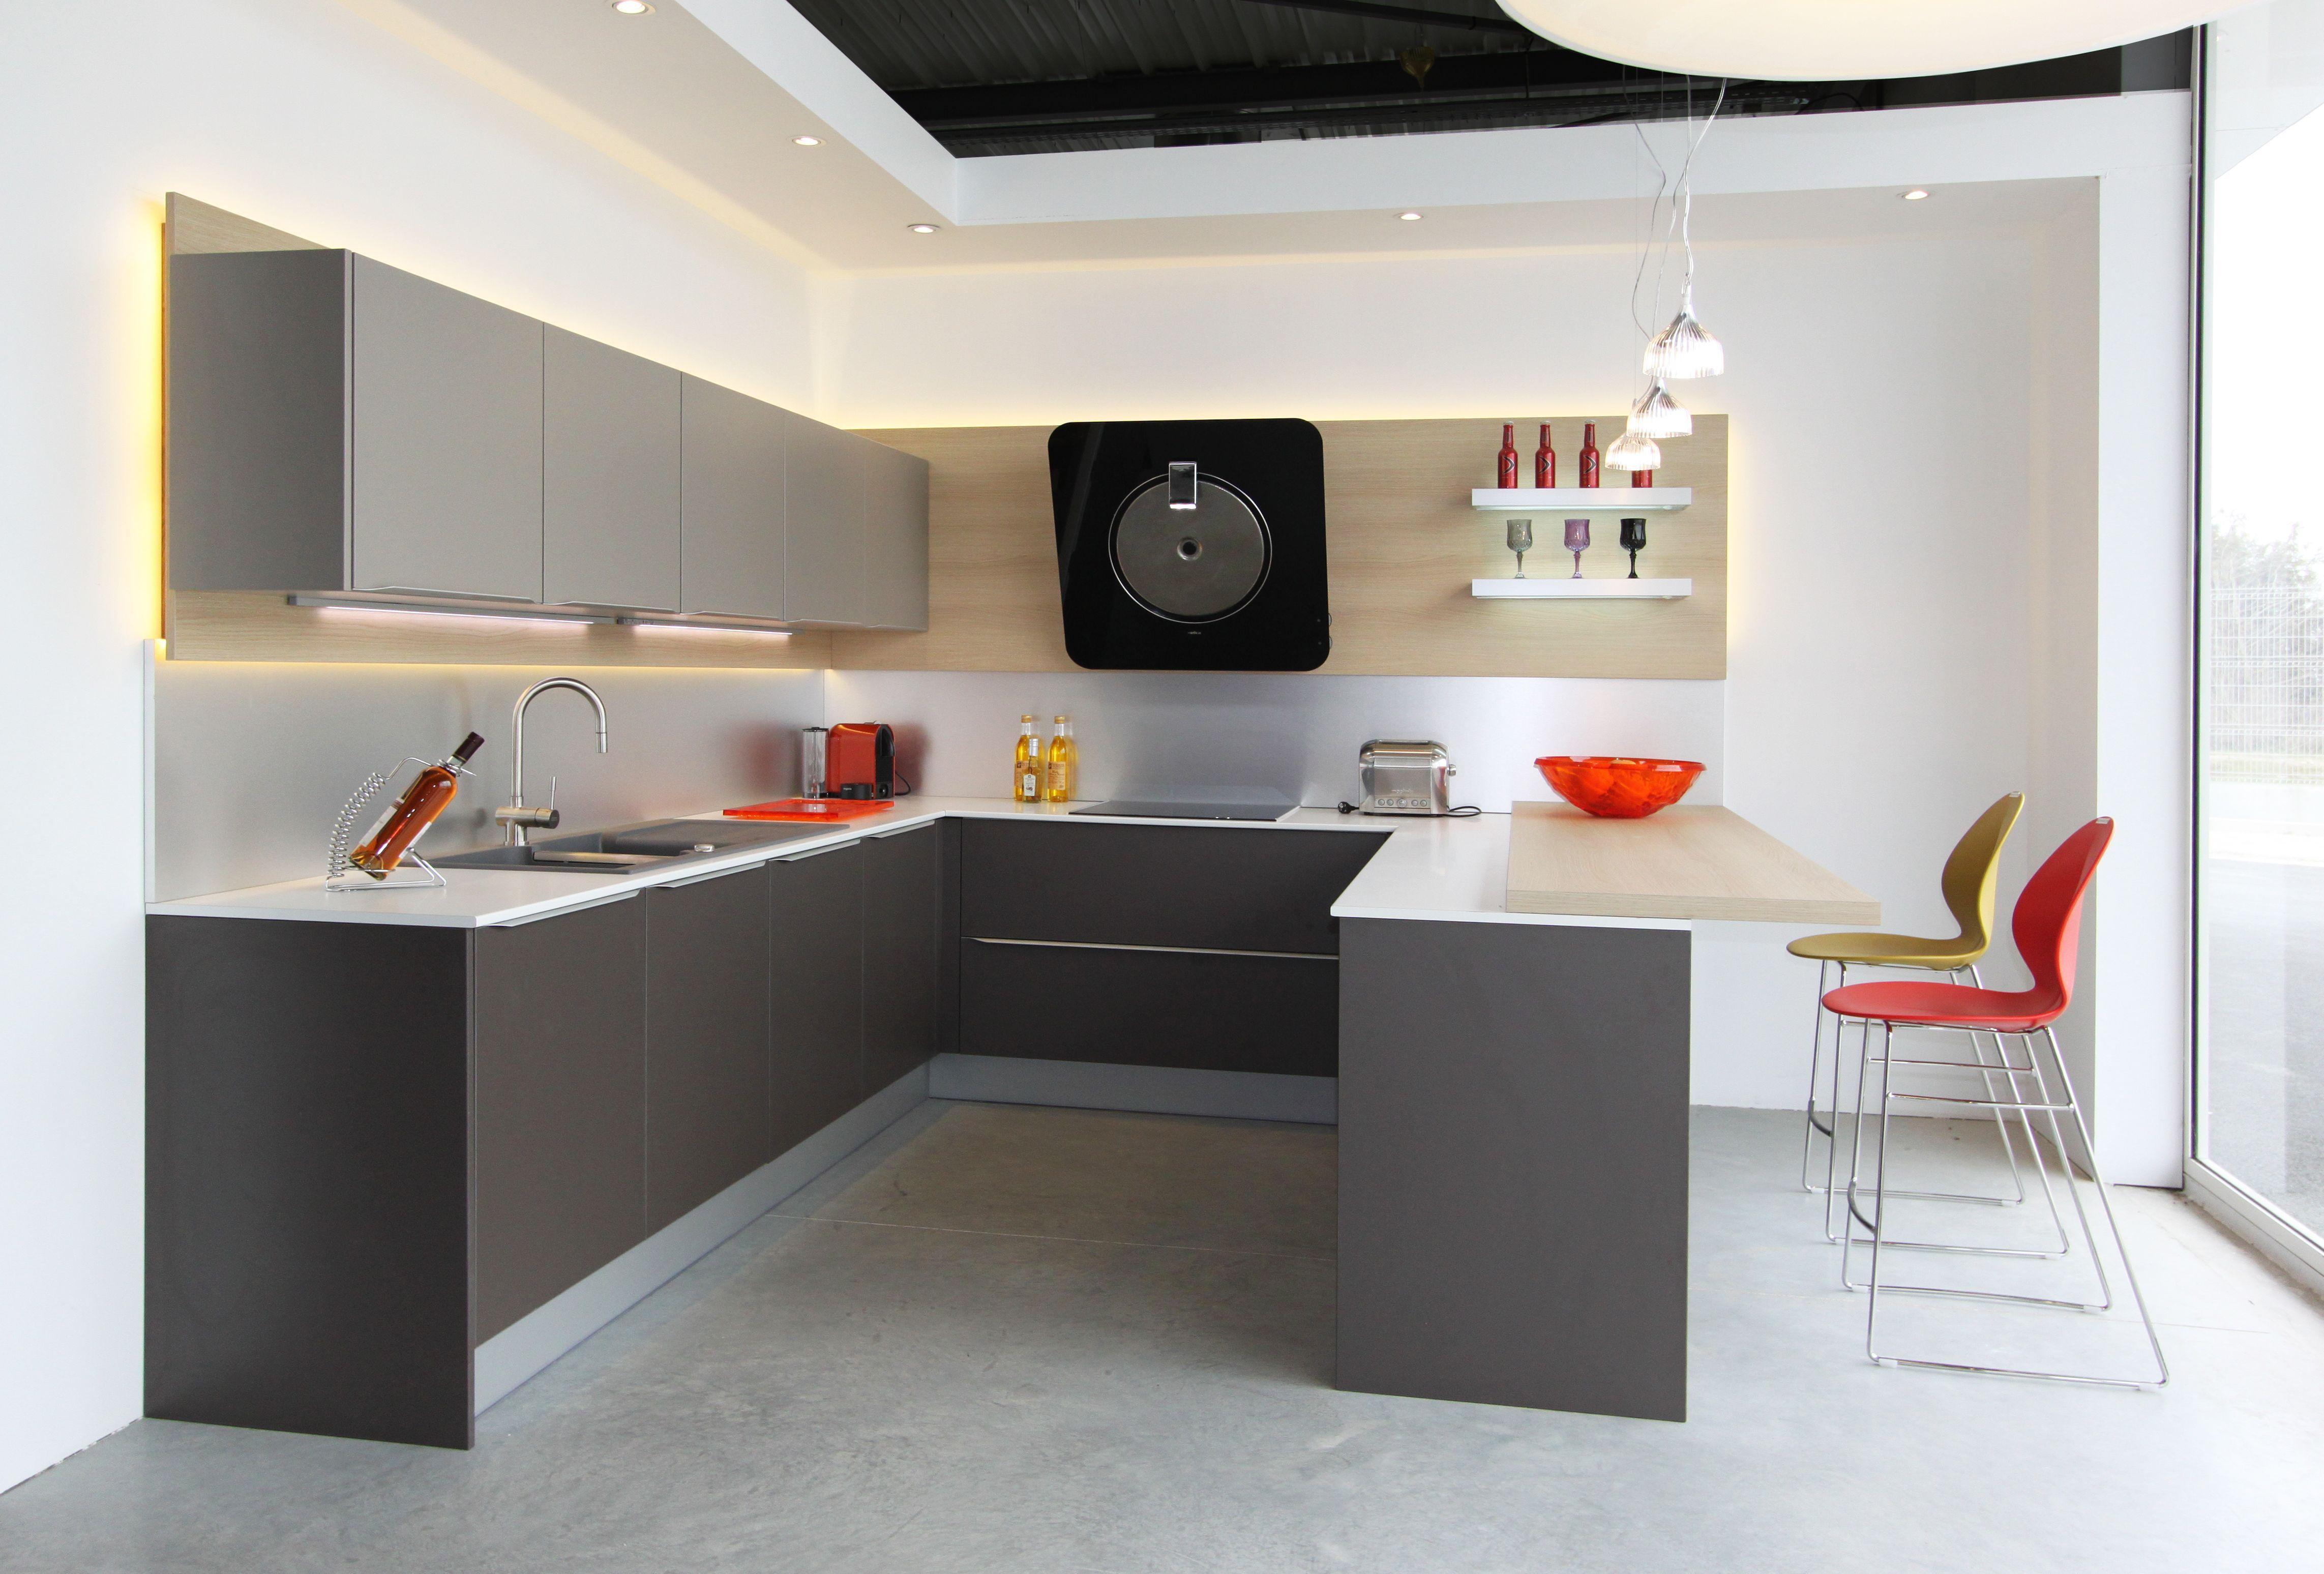 interesting cuisine tendance design fabrimeuble graphite et taupe chaise haute basil de calligaris with chaise basil calligaris